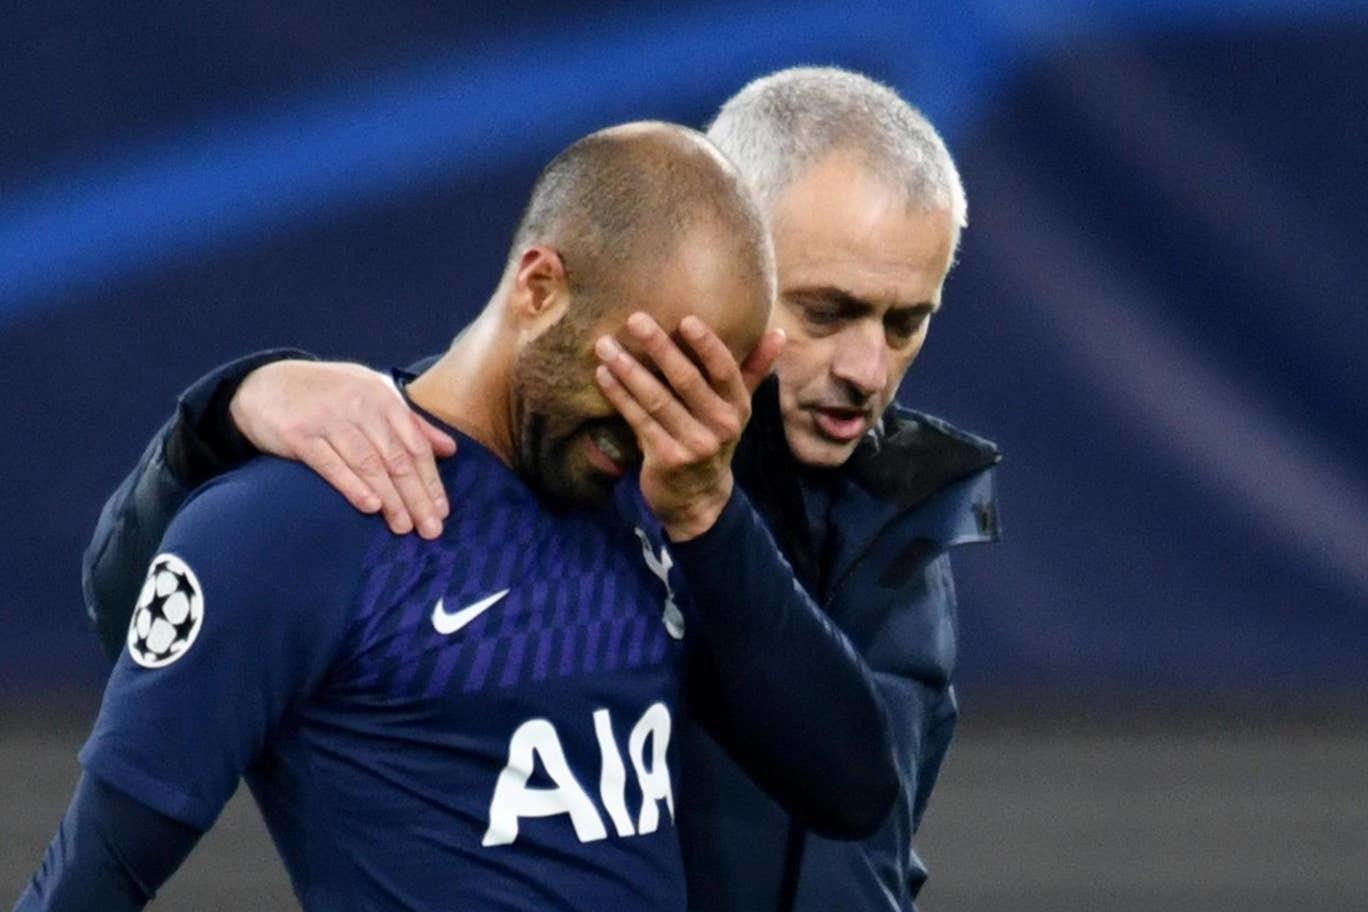 Sa thải Mourinho ngay, Tottenham bết bát quá rồi